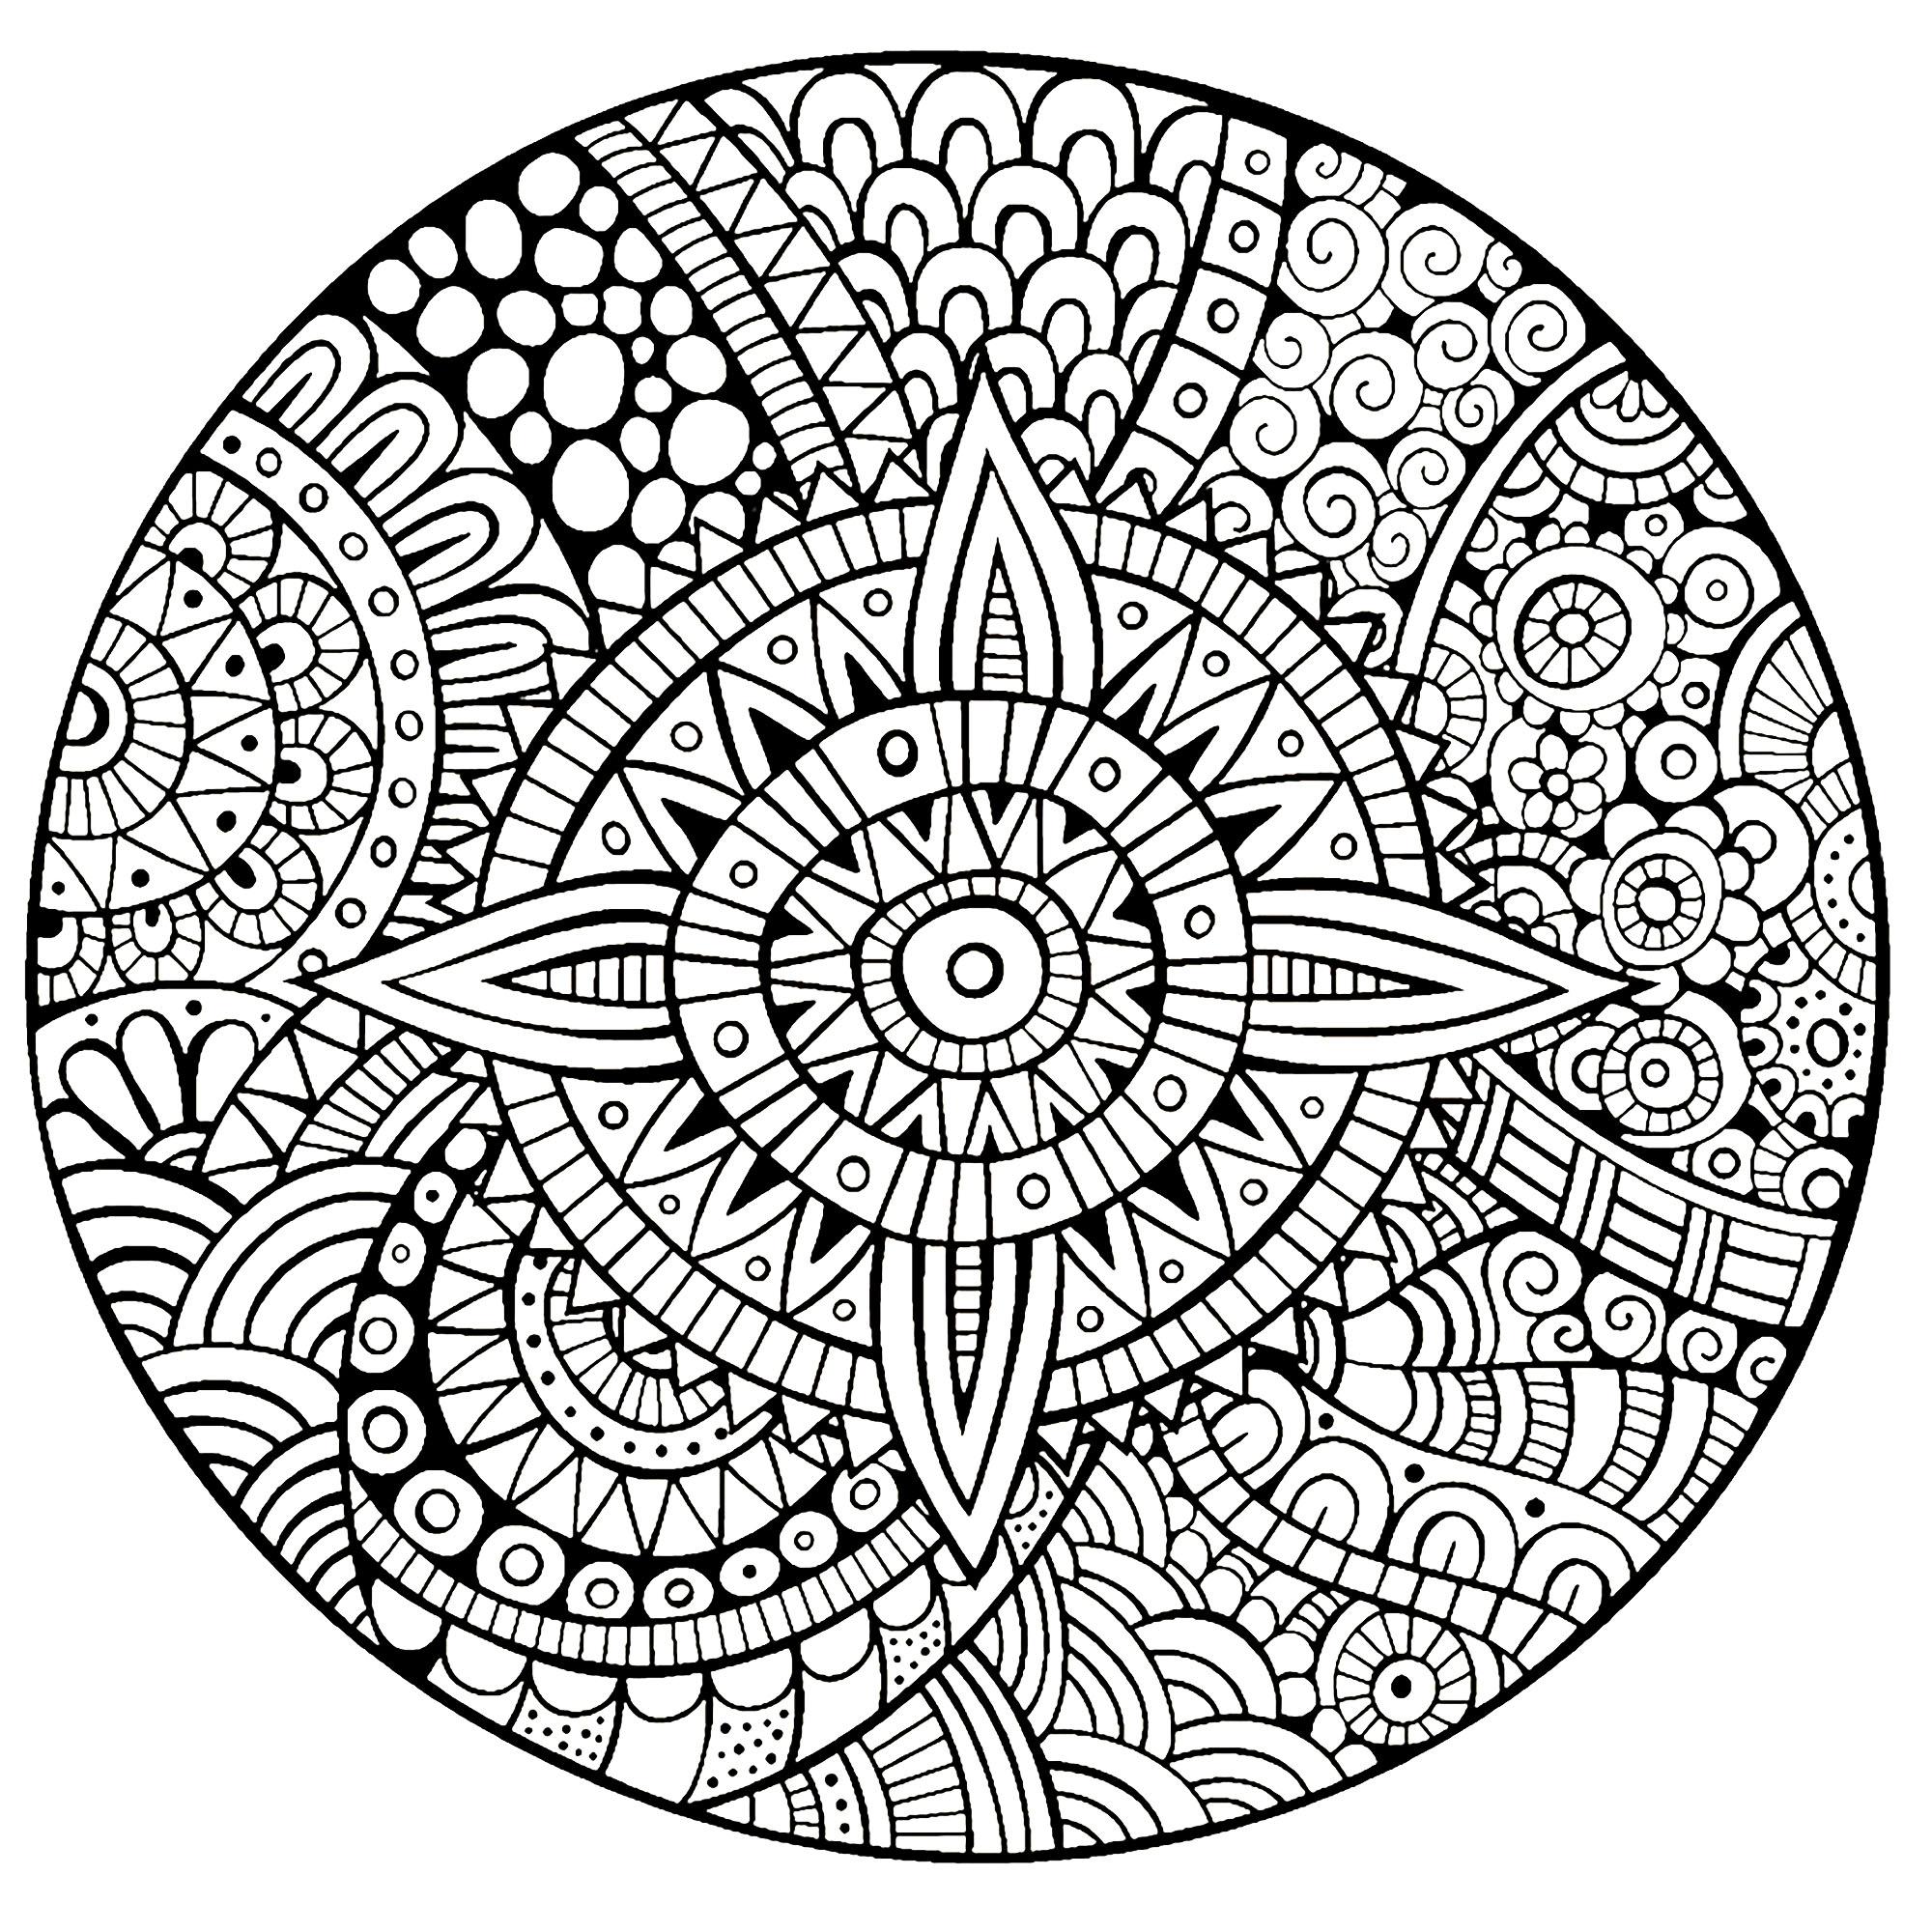 2000x2000 Mandala Star Thick Lines